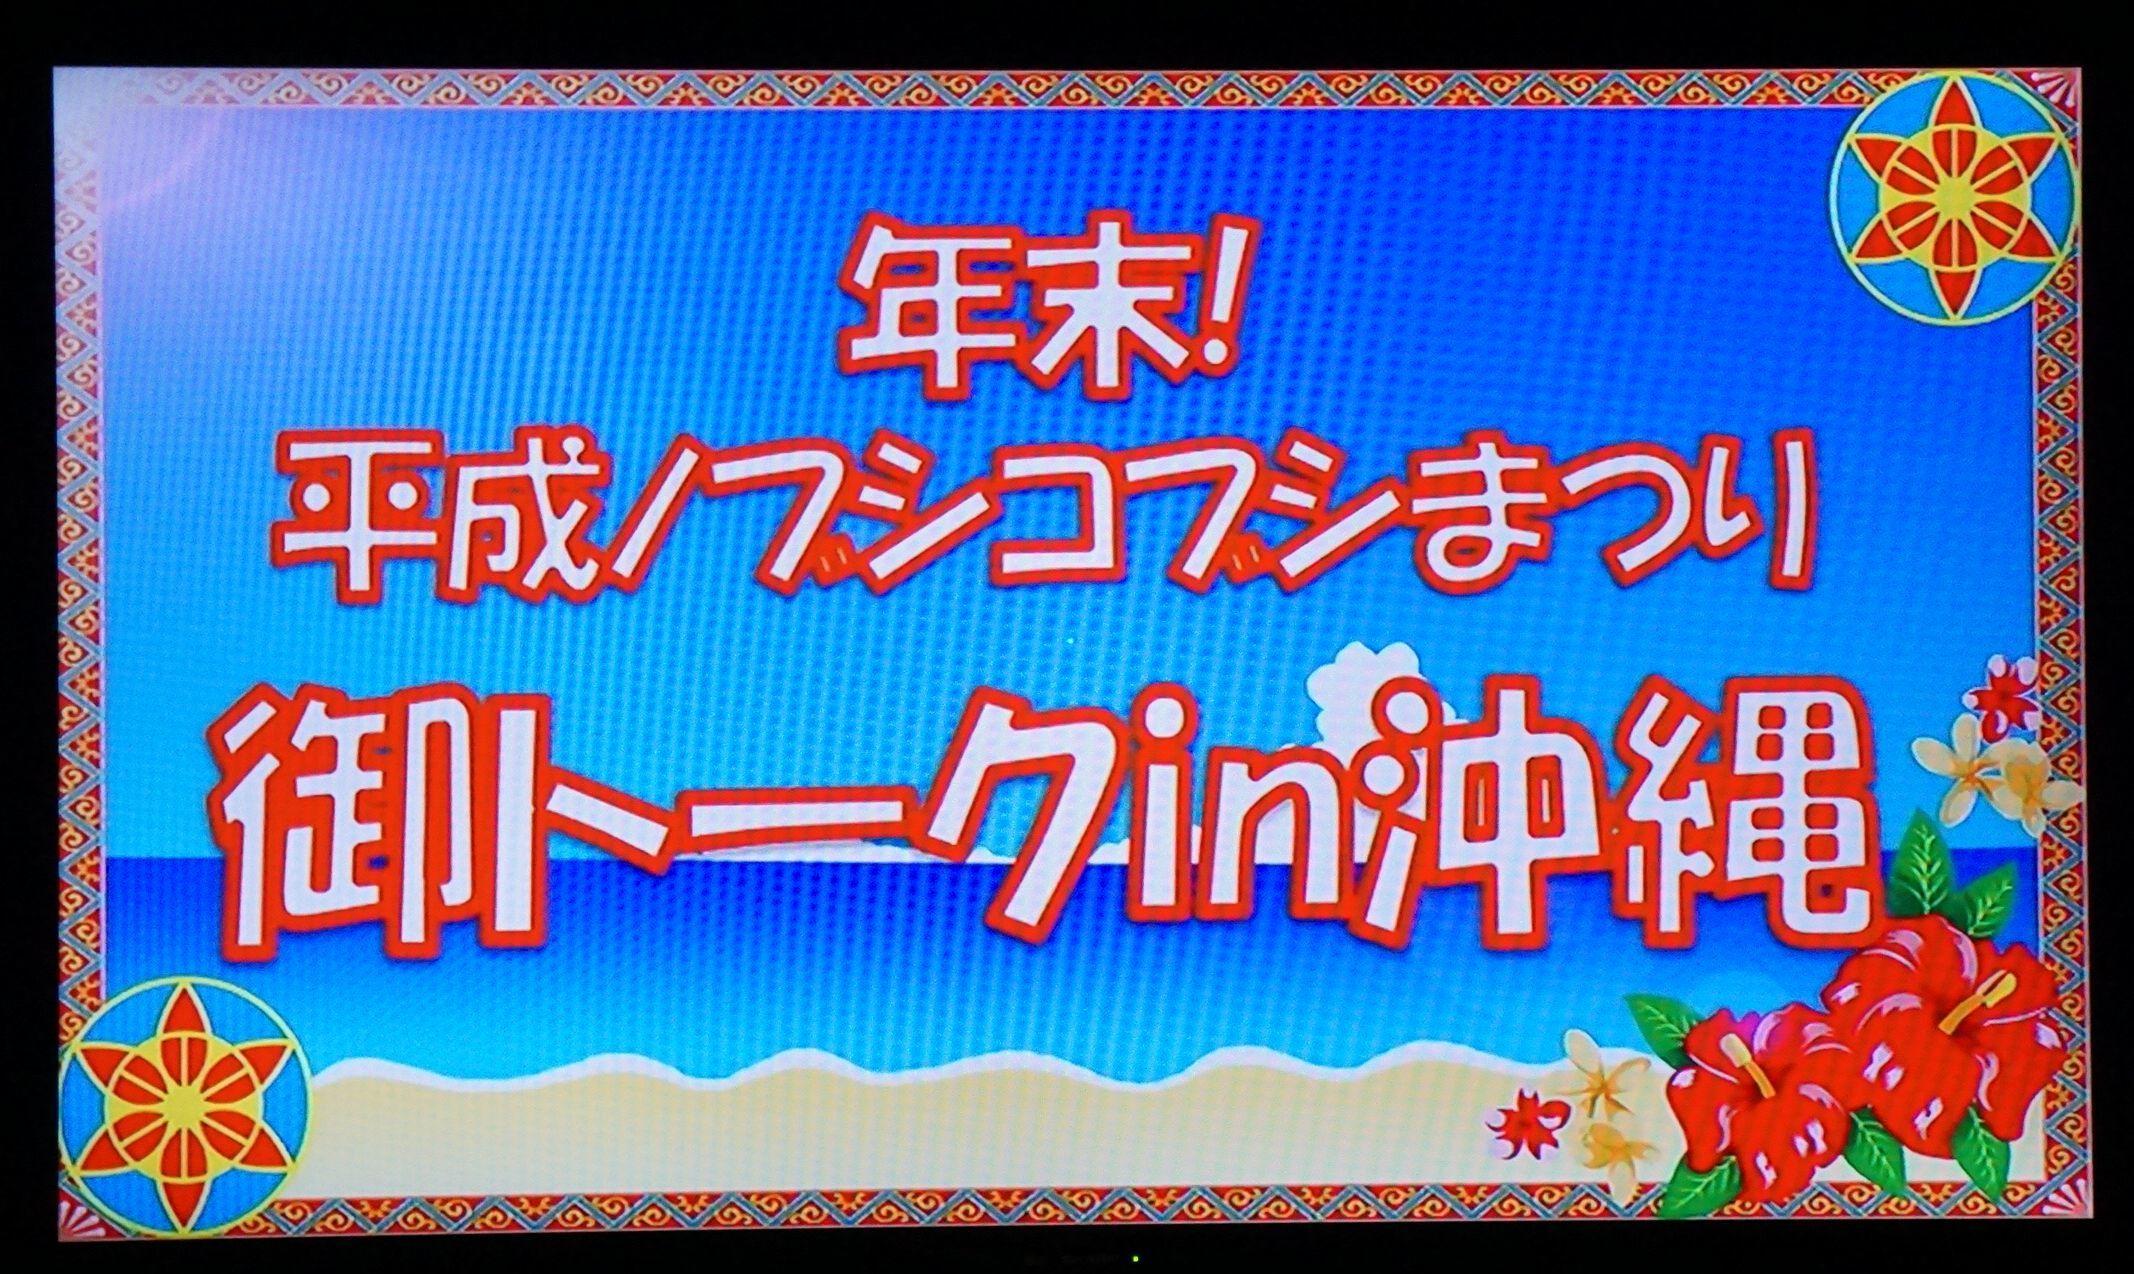 http://news.yoshimoto.co.jp/20151231202023-3bab21f36bbfa80056b875f0ccf8a558649552dc.jpg